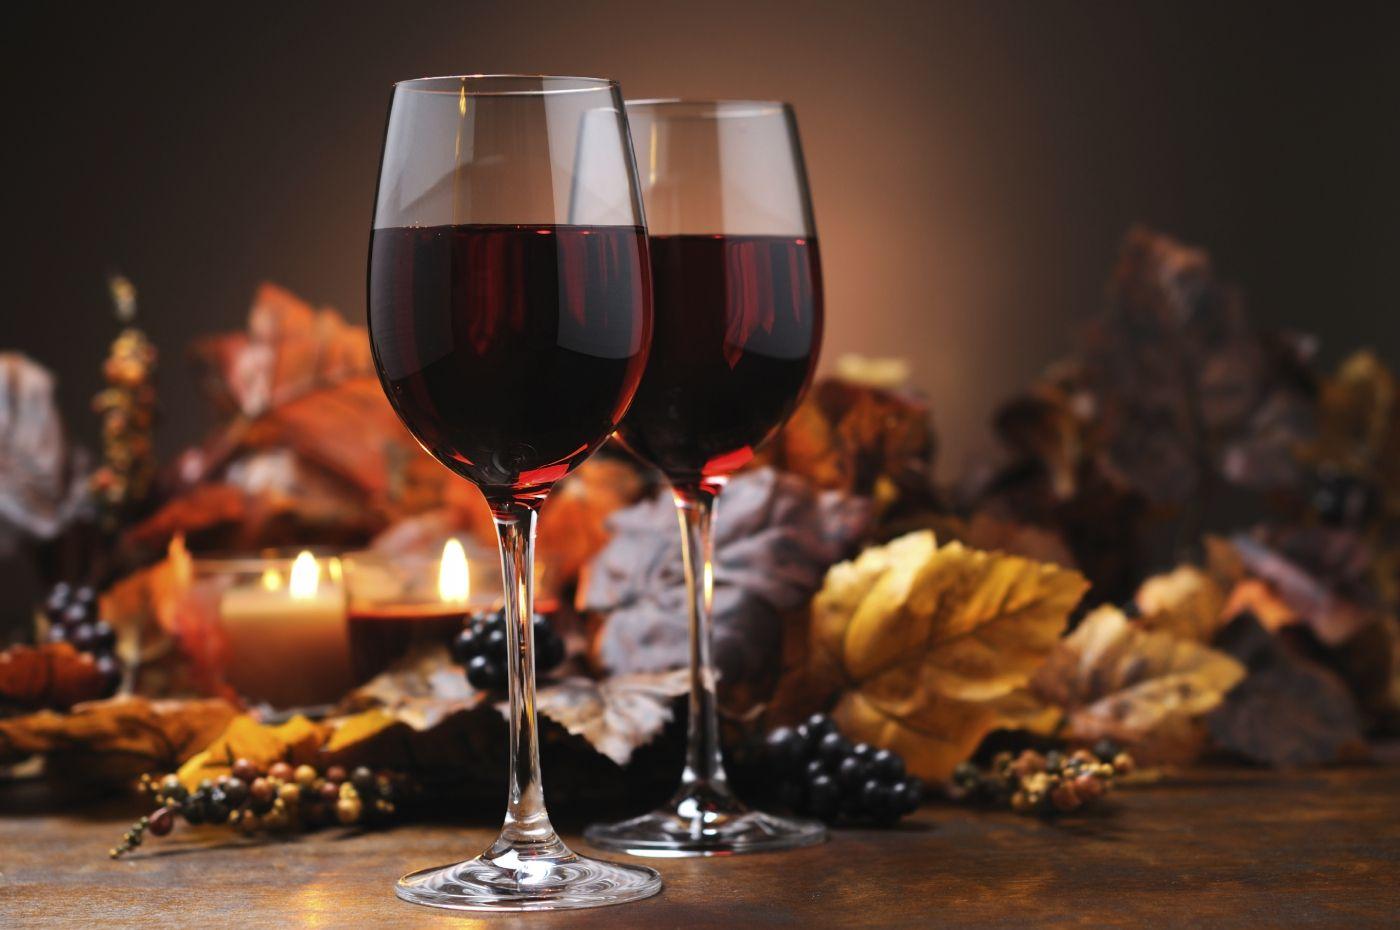 葡萄酒素对老年人的身体好吗?